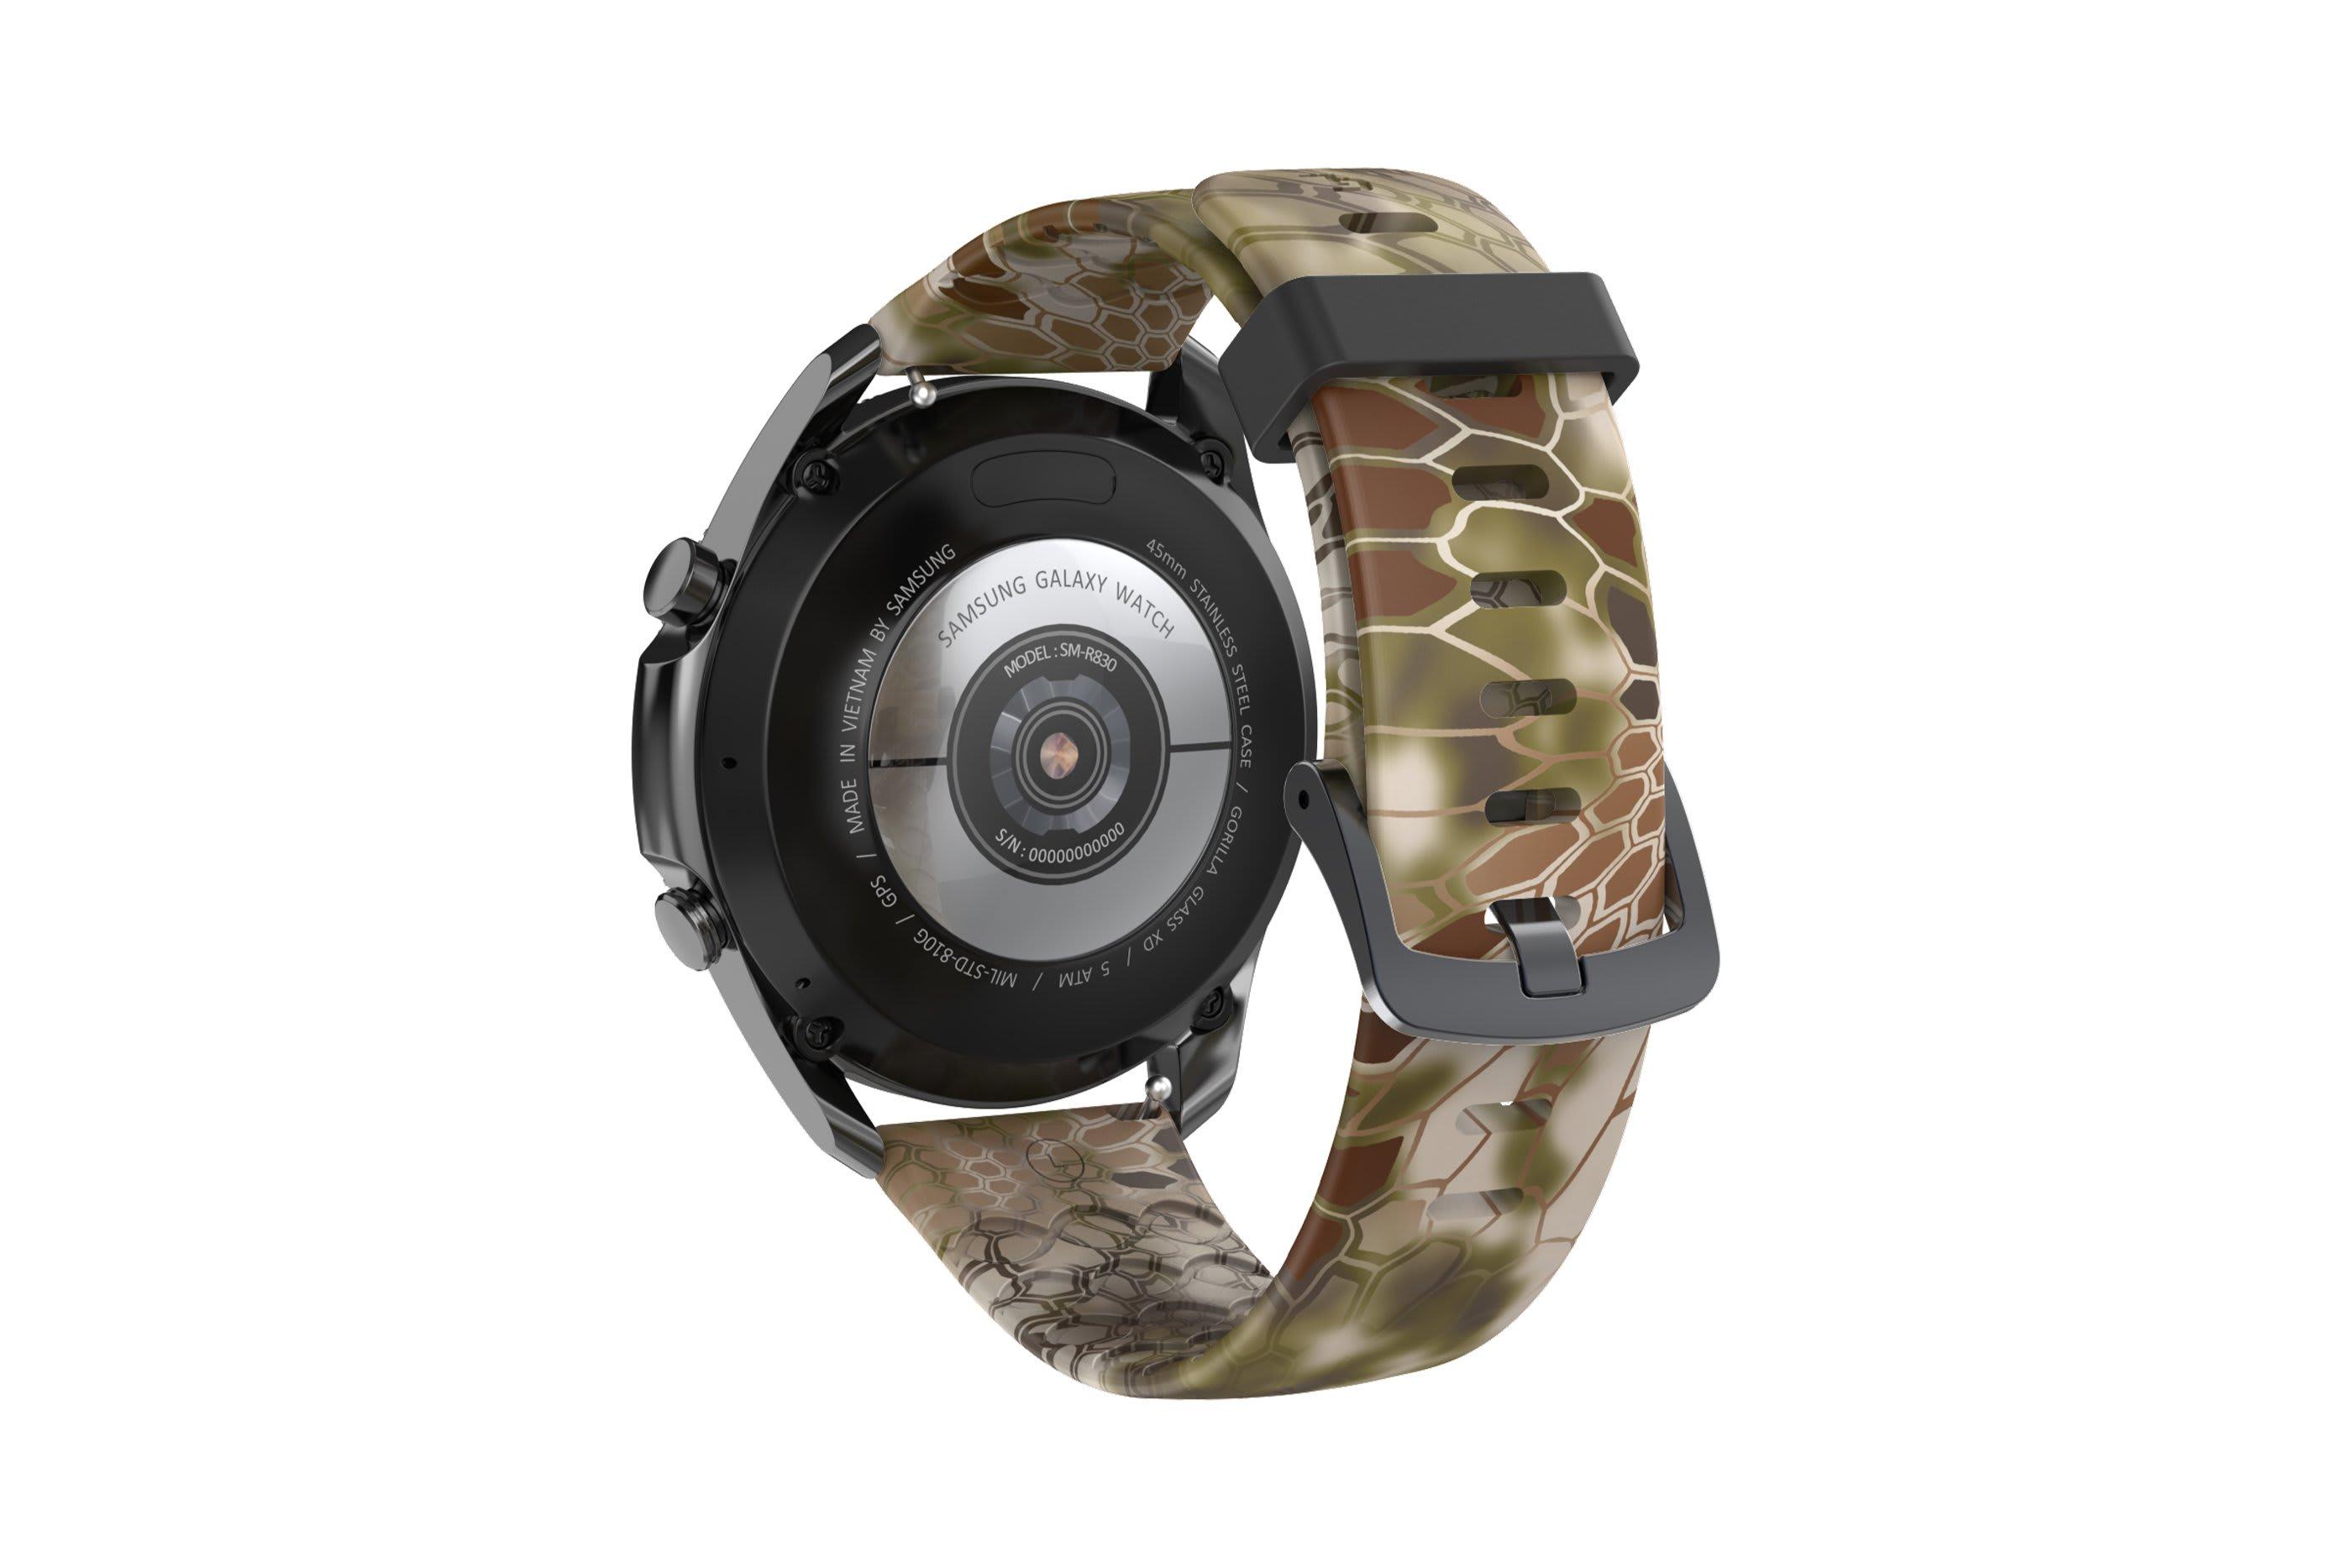 Kryptek Highlander  Samsung 22mm watch band viewed from rear